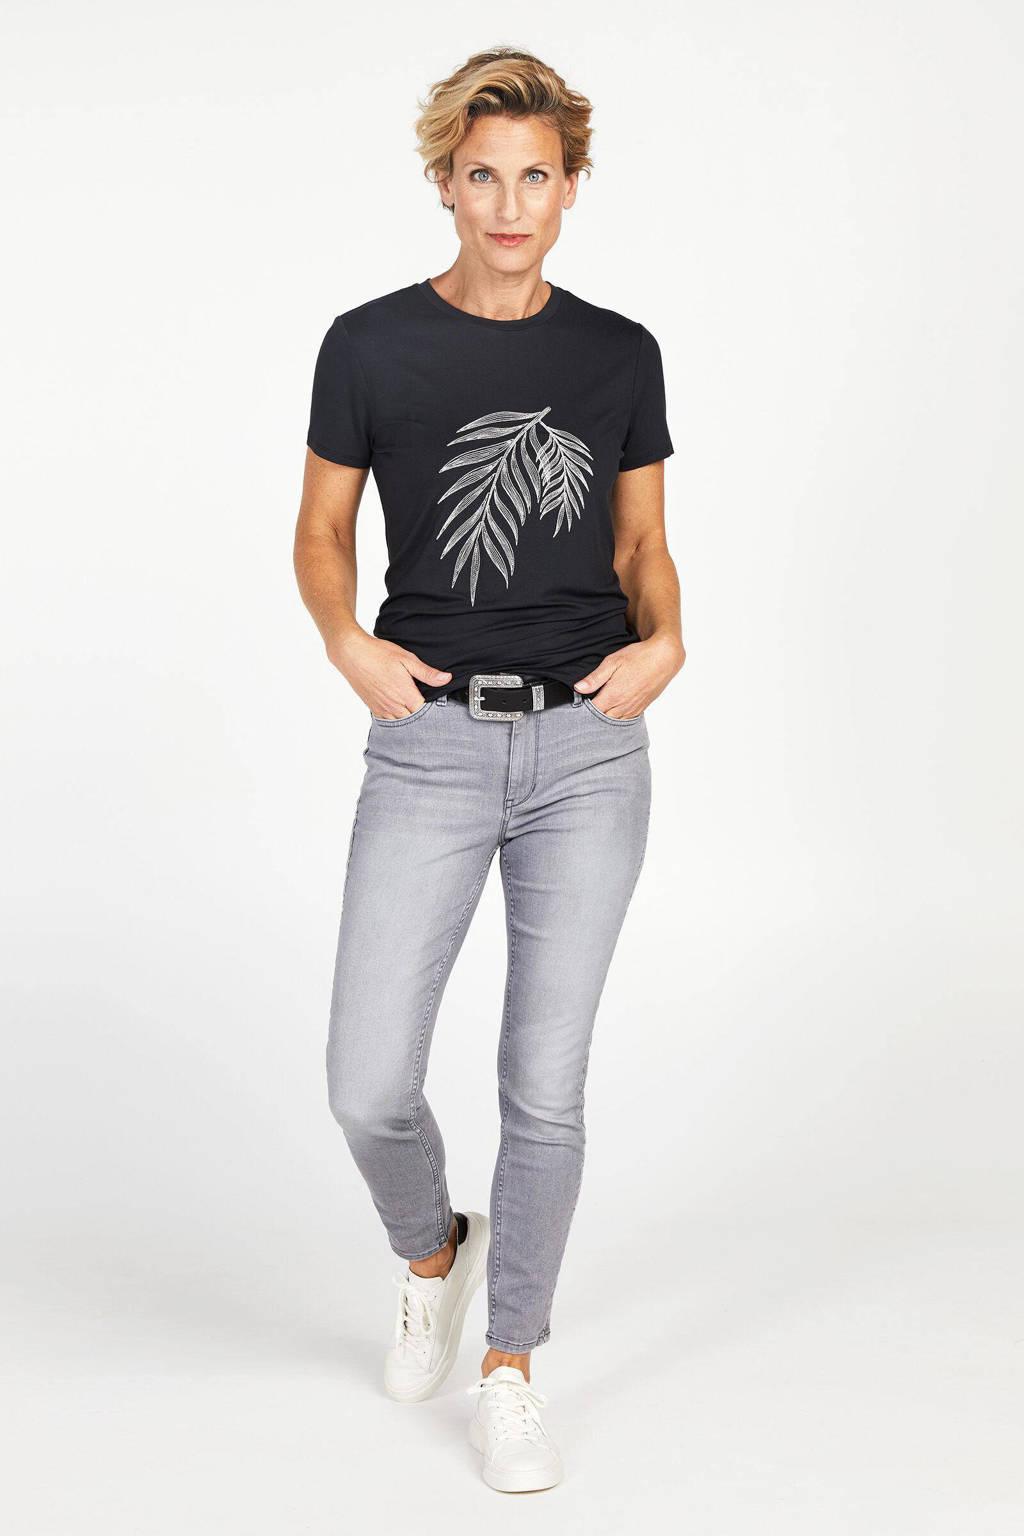 PROMISS T-shirt met printopdruk antraciet, Antraciet